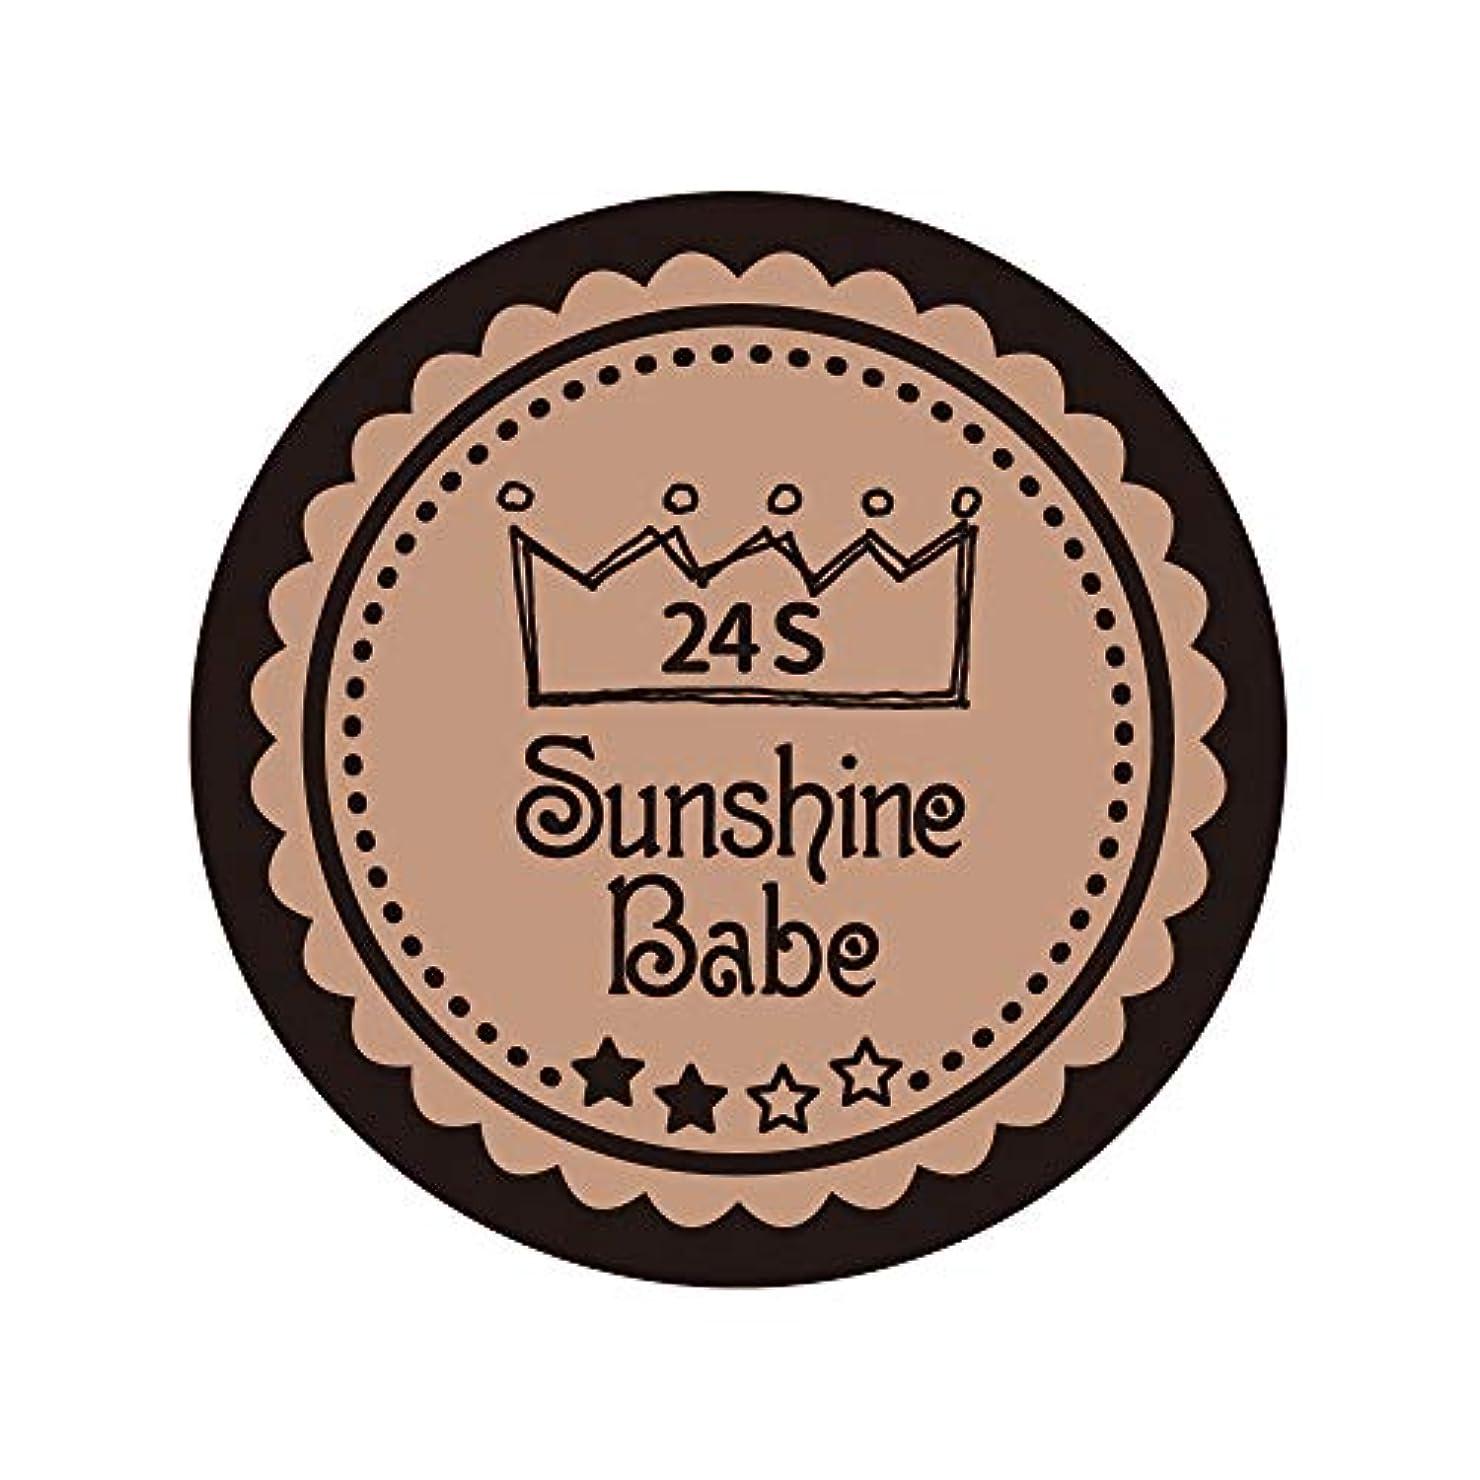 裁判官プラスタイプライターSunshine Babe カラージェル 24S ベージュローゼ 2.7g UV/LED対応